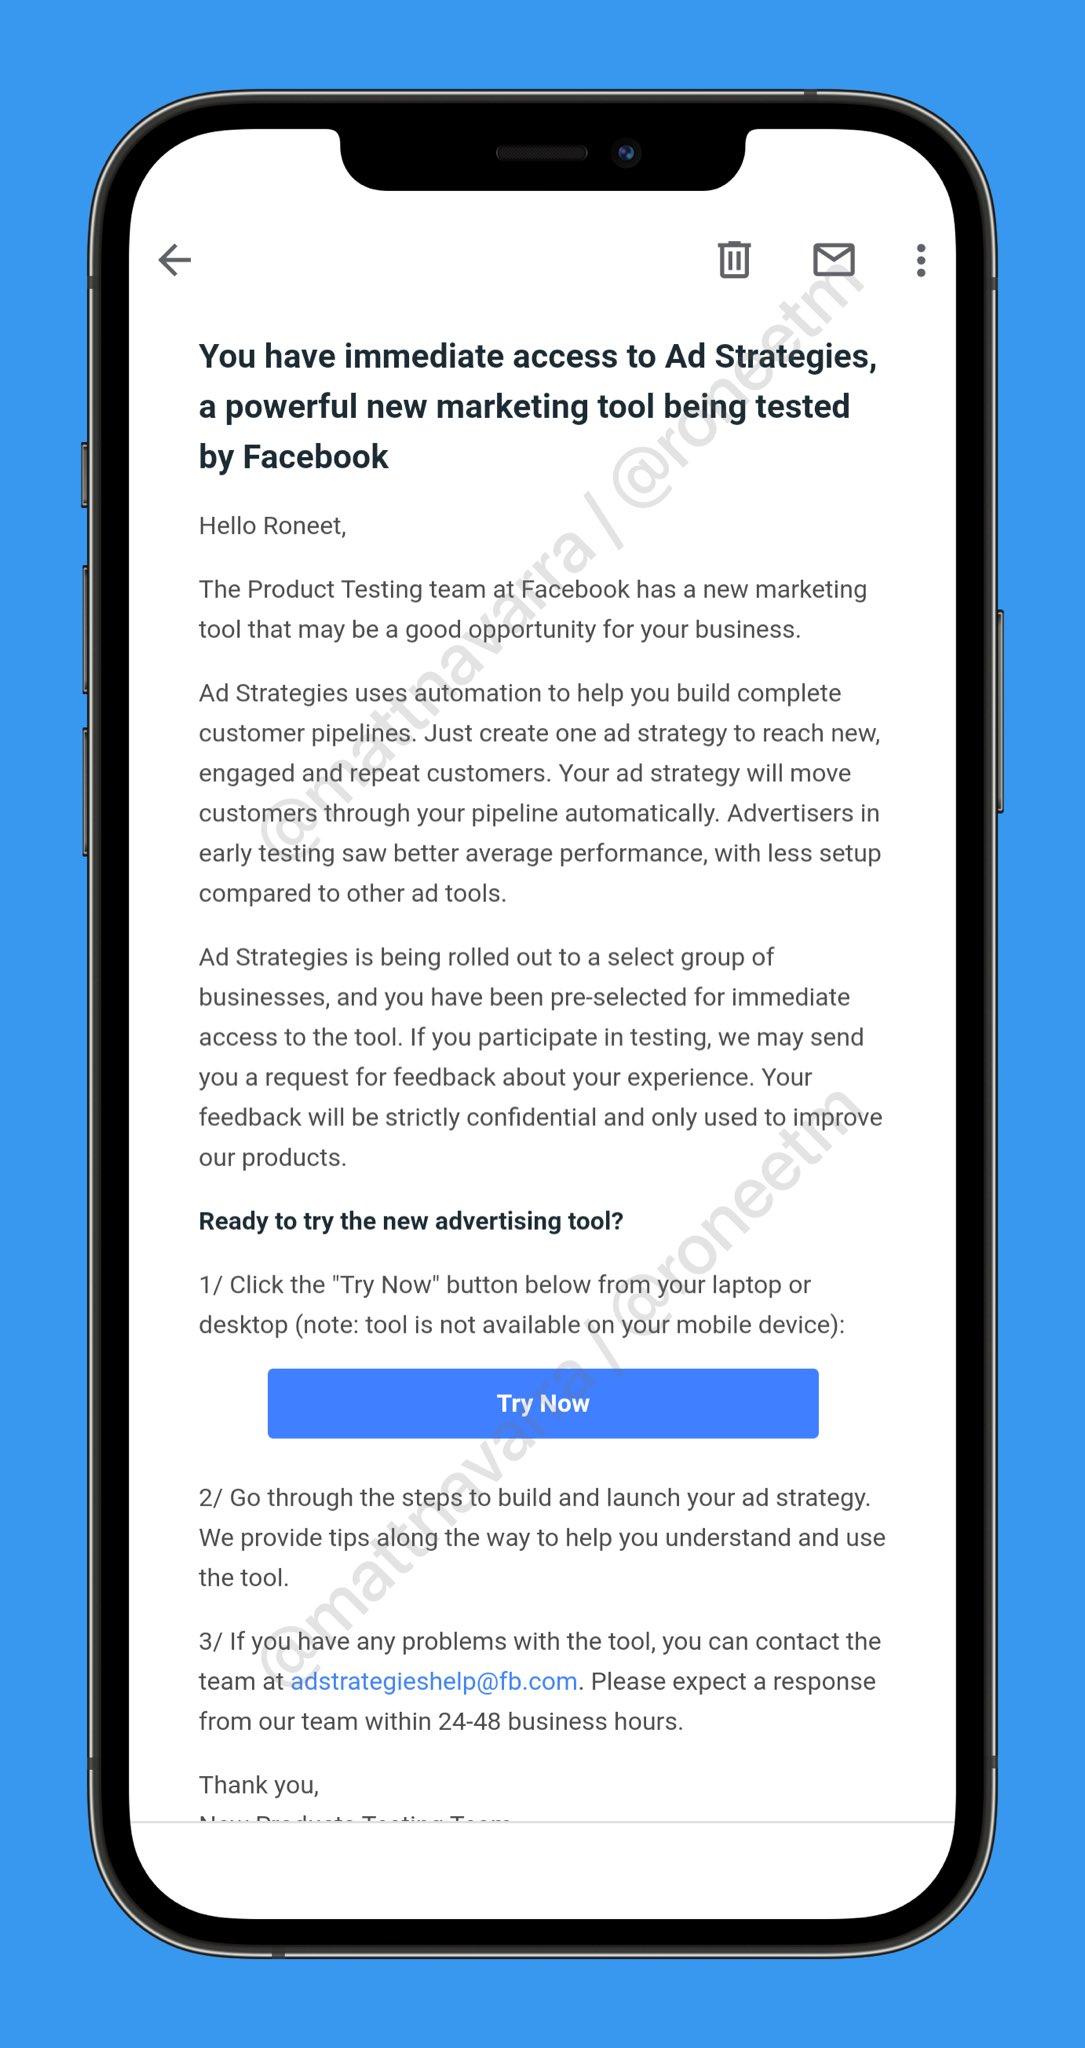 Facebook тестирует новый инструмент Ad Strategies для маркетологов